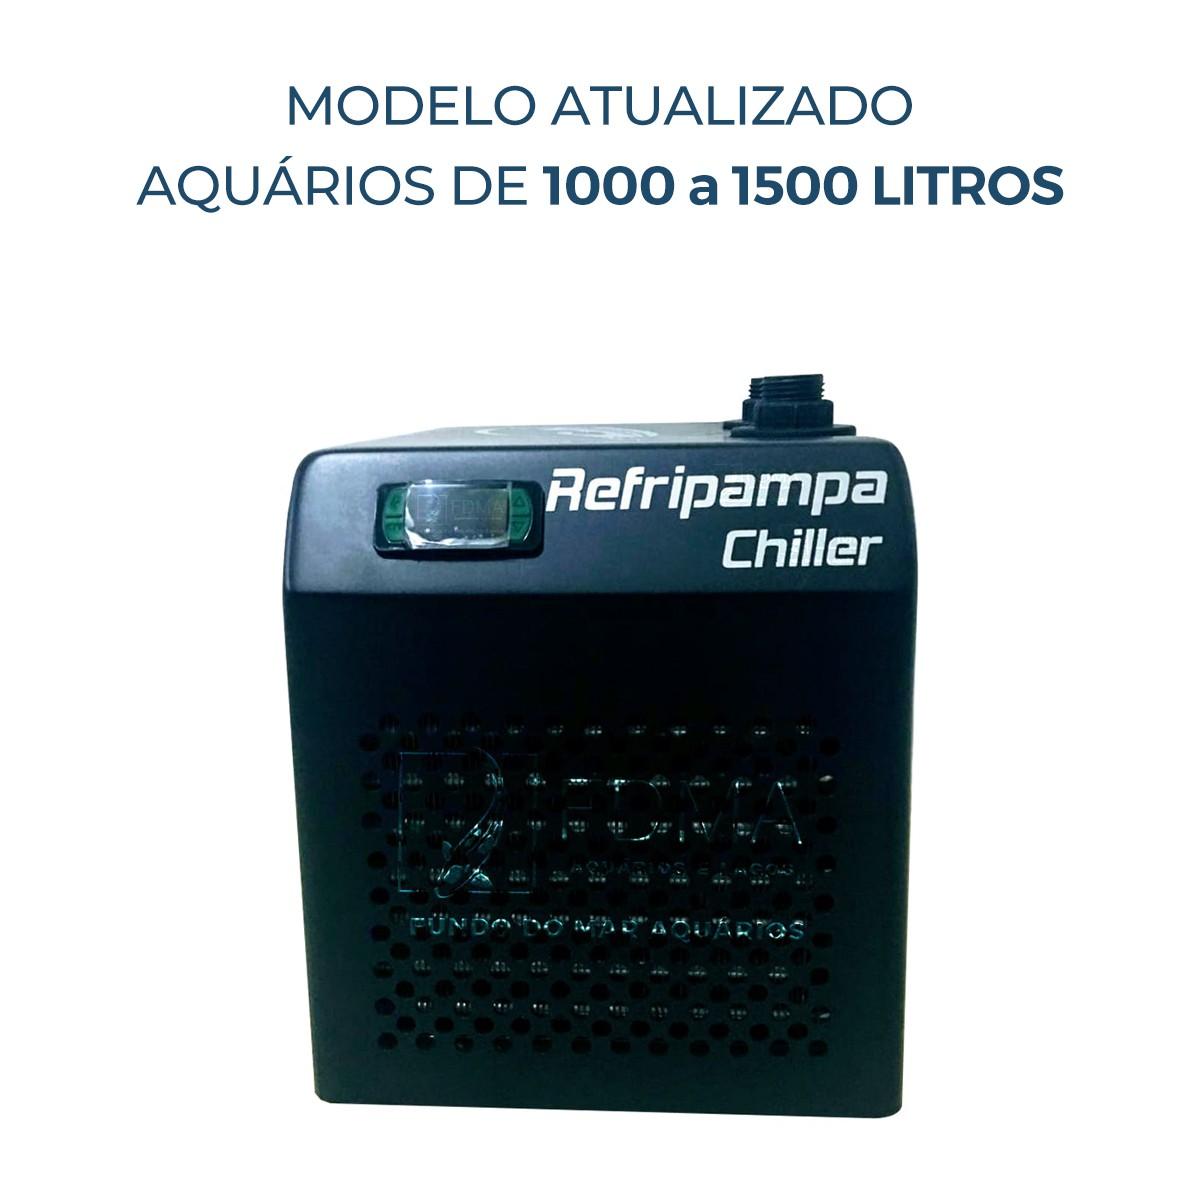 Resfriador Chiller Refripampa 1/3+ Hp RF1500  Aquário 1500lL